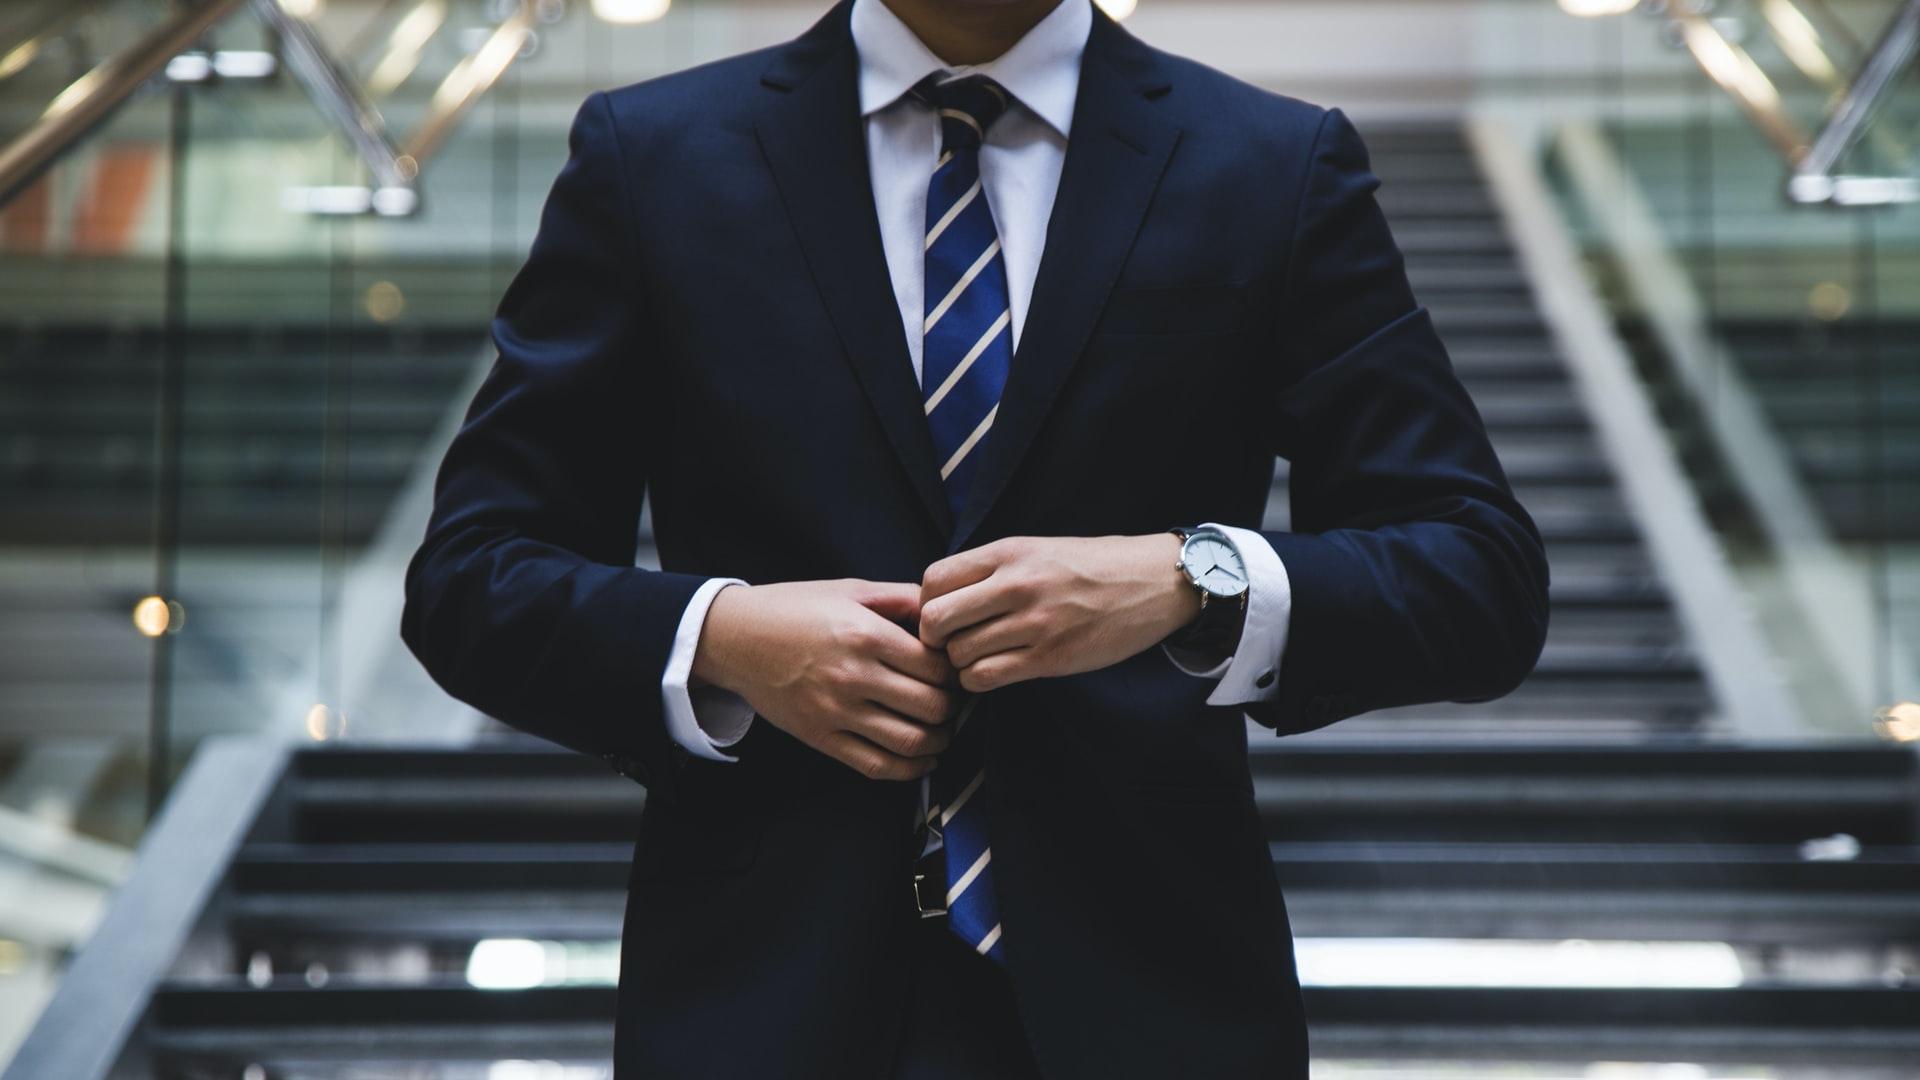 不況時に転職は難しい?それともチャンス?